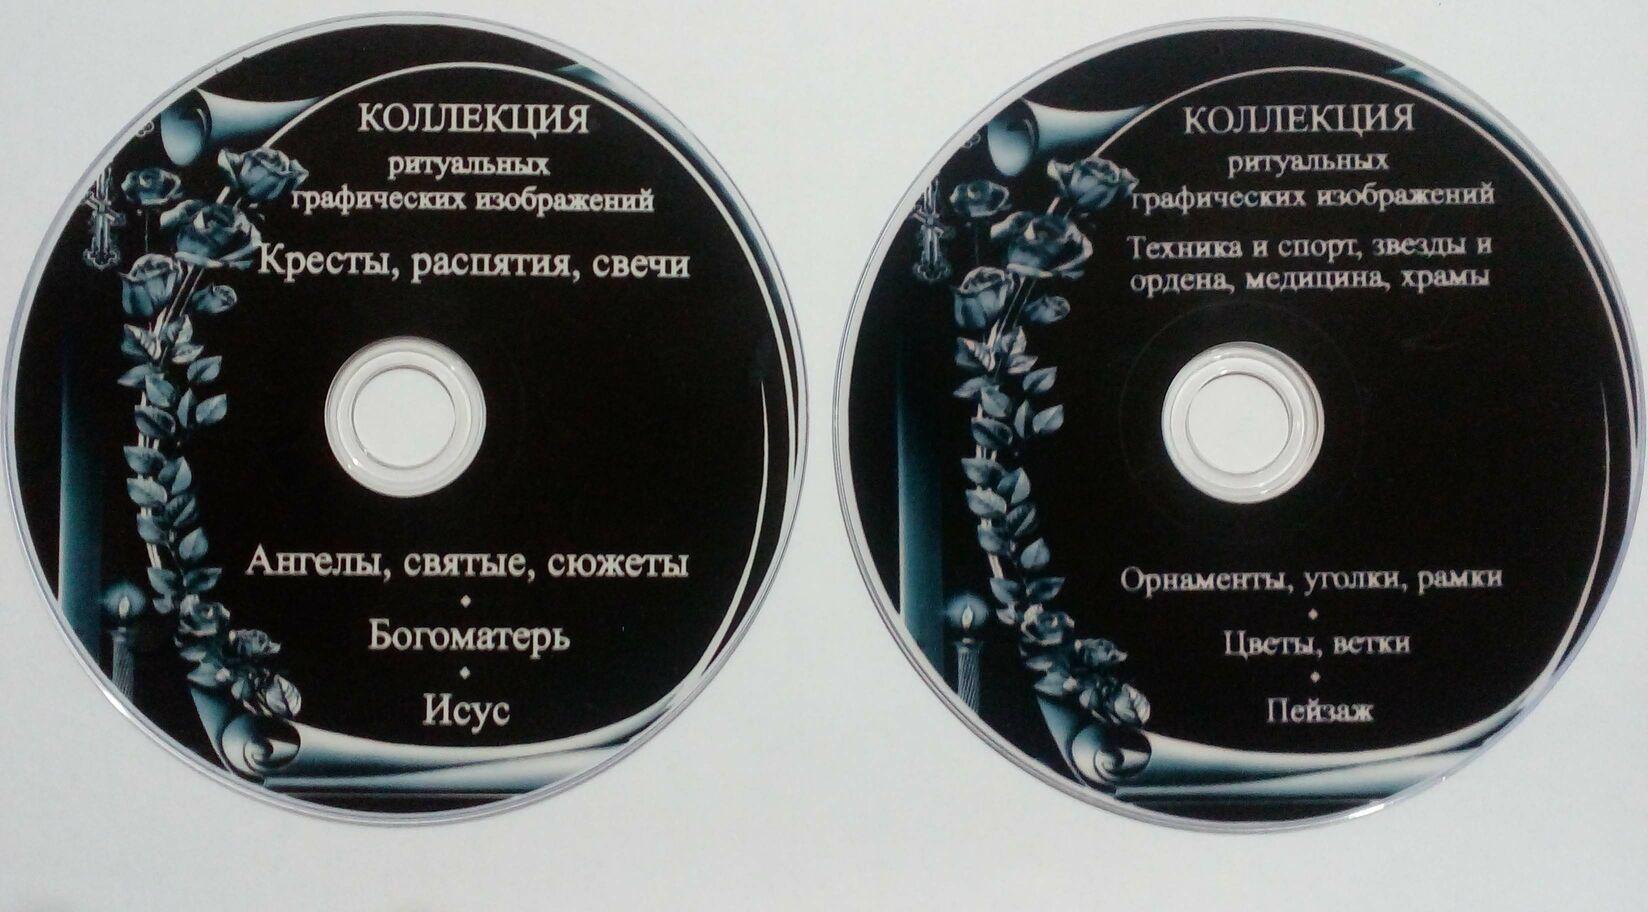 """Ритуальные изображения(коллекция графических,высококачественных и отретушированных,на 2 дисках,которые обработаны специально под гравировальные станки типа """"Люкс"""",""""Сауно"""",""""Брюллов"""",""""Лидер"""",""""Гравёр-5"""",""""Утехин""""и их аналоги.Около 1000штук."""